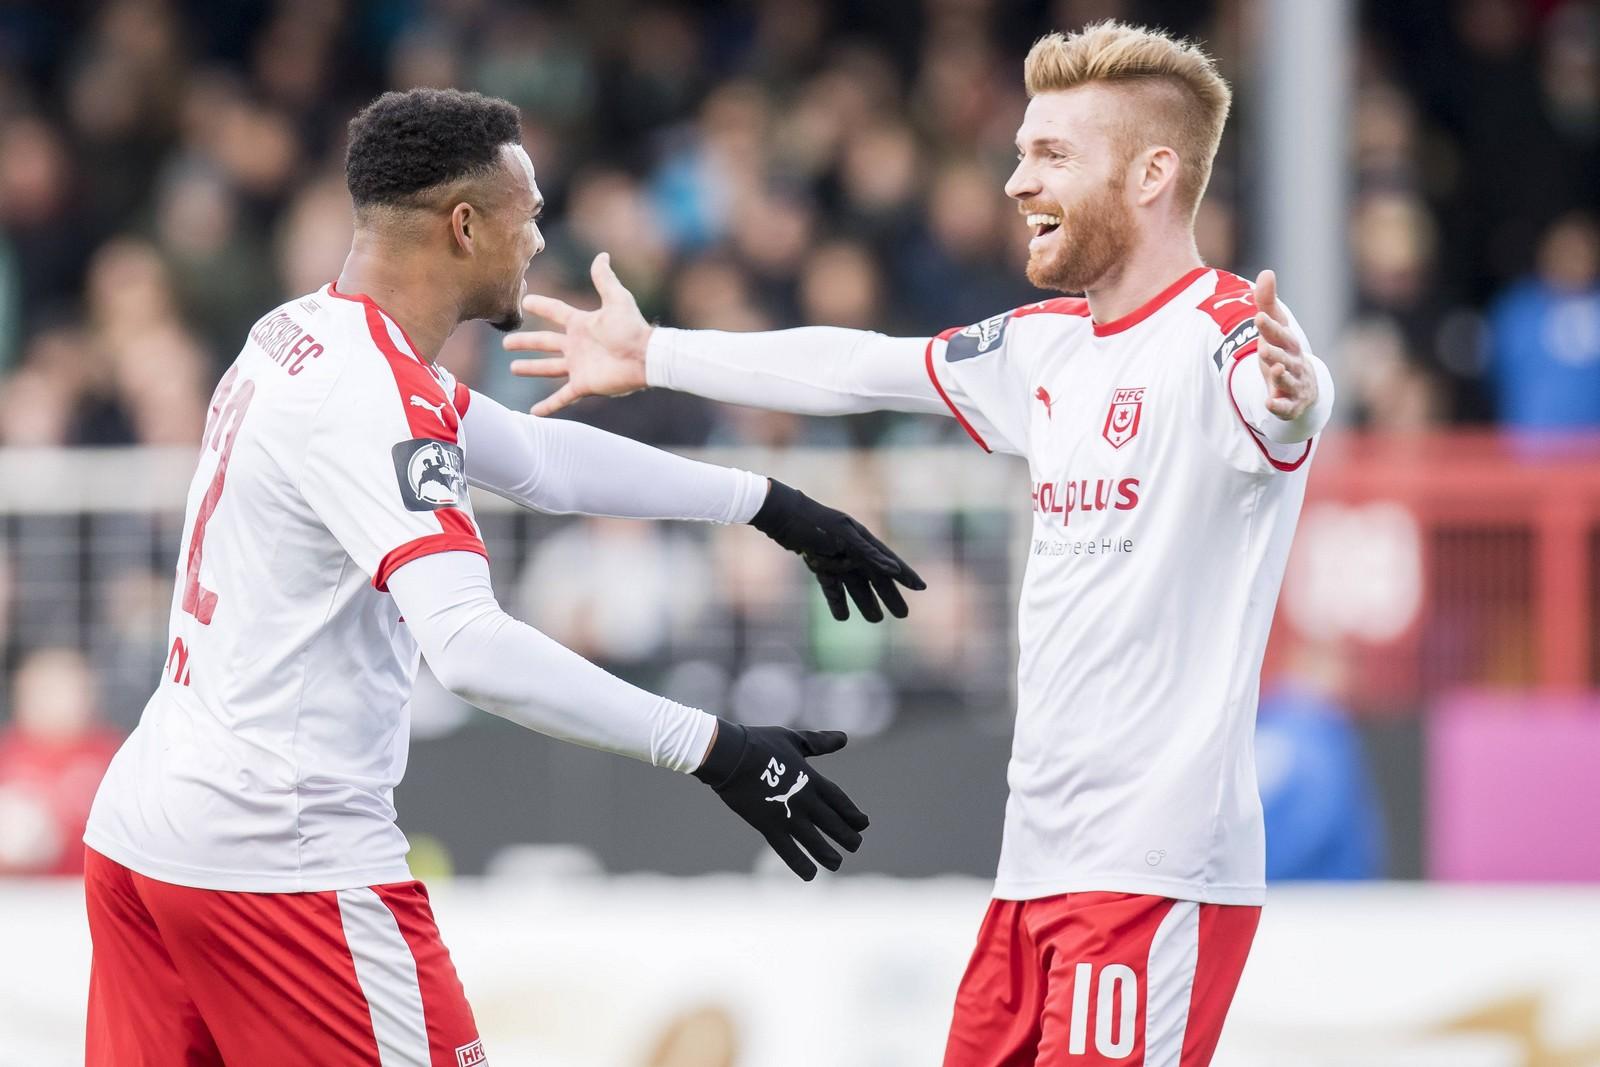 Mit seinem Treffer zum zwischenzeitlichen 2:0 schoss Matthias Fetsch Halle zum Sieg in Münster.